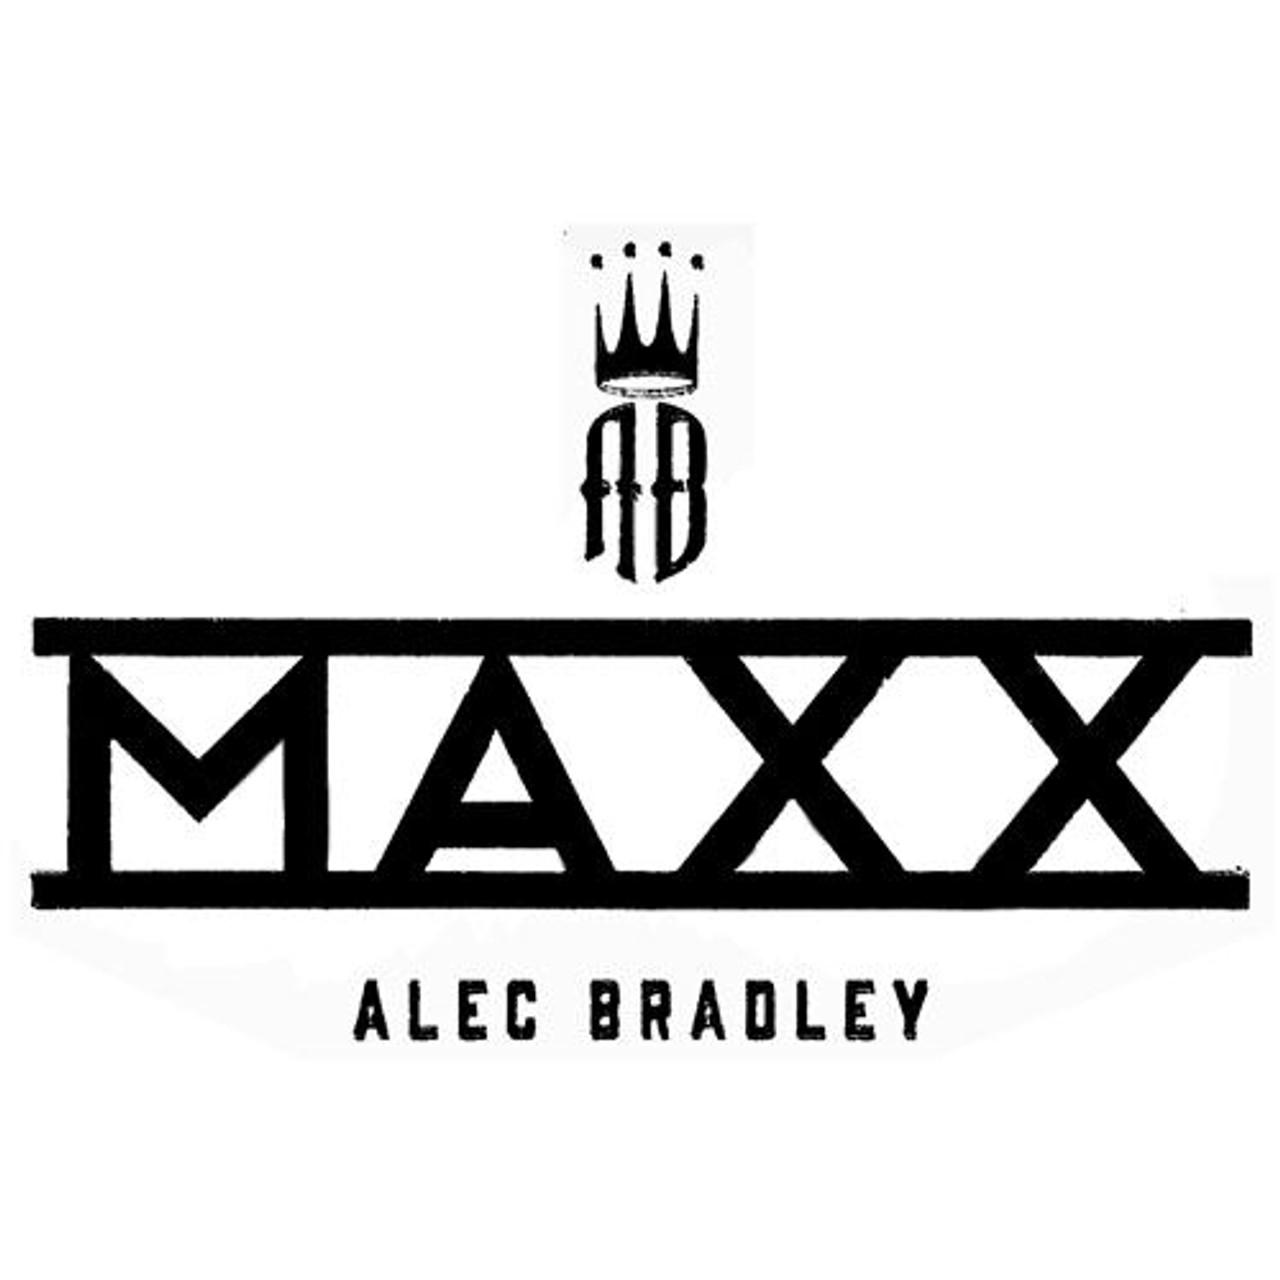 Alec Bradley MAXX Culture Logo